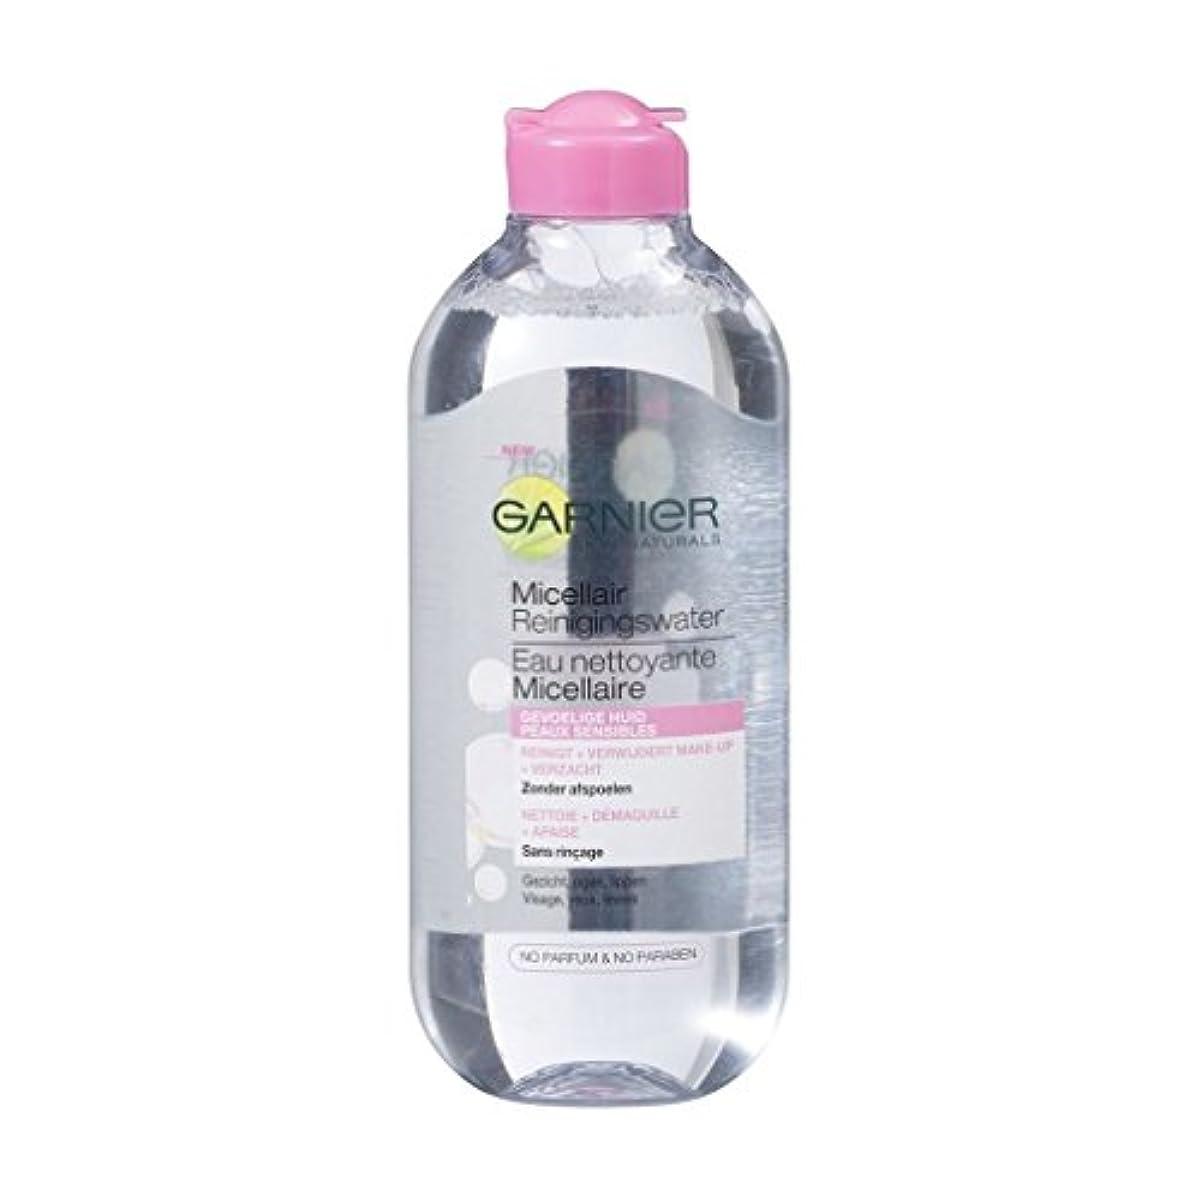 無秩序世紀率直なガルニエ SkinActive Micellar Water (No Perfume & Paraben) - For Sensitive Skin 400ml/13.3oz並行輸入品